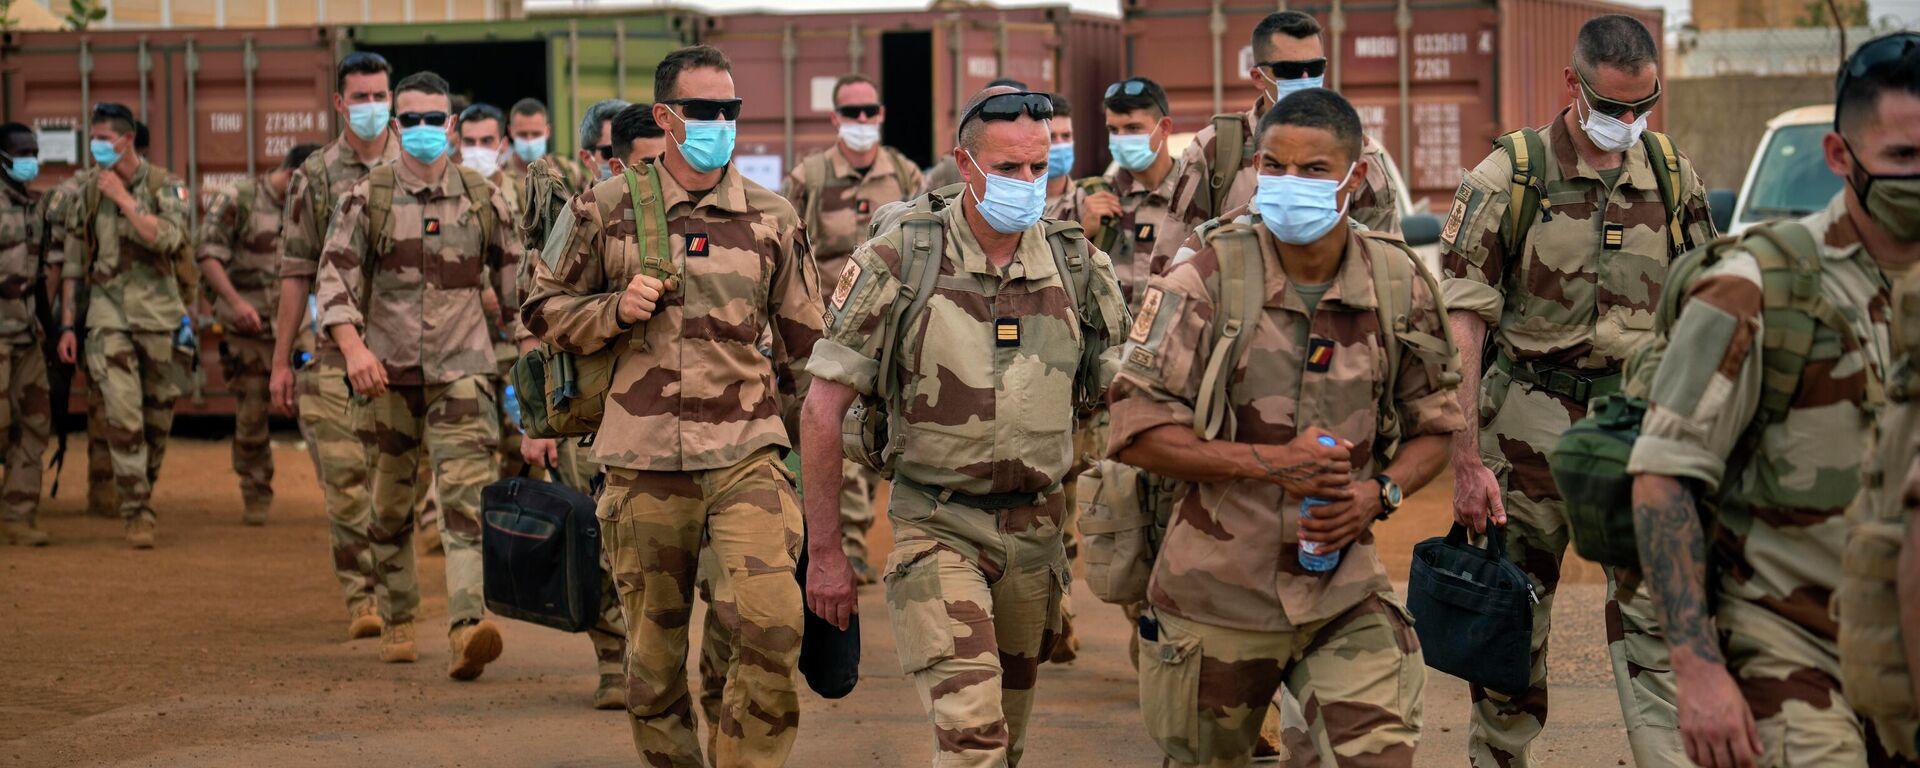 Französische Soldaten, Teilnehmer an der Operation Barkhane gegen die Terroristen. Militärstützpunkt Gao, Mali, 9. Juni 2021 - SNA, 1920, 09.07.2021